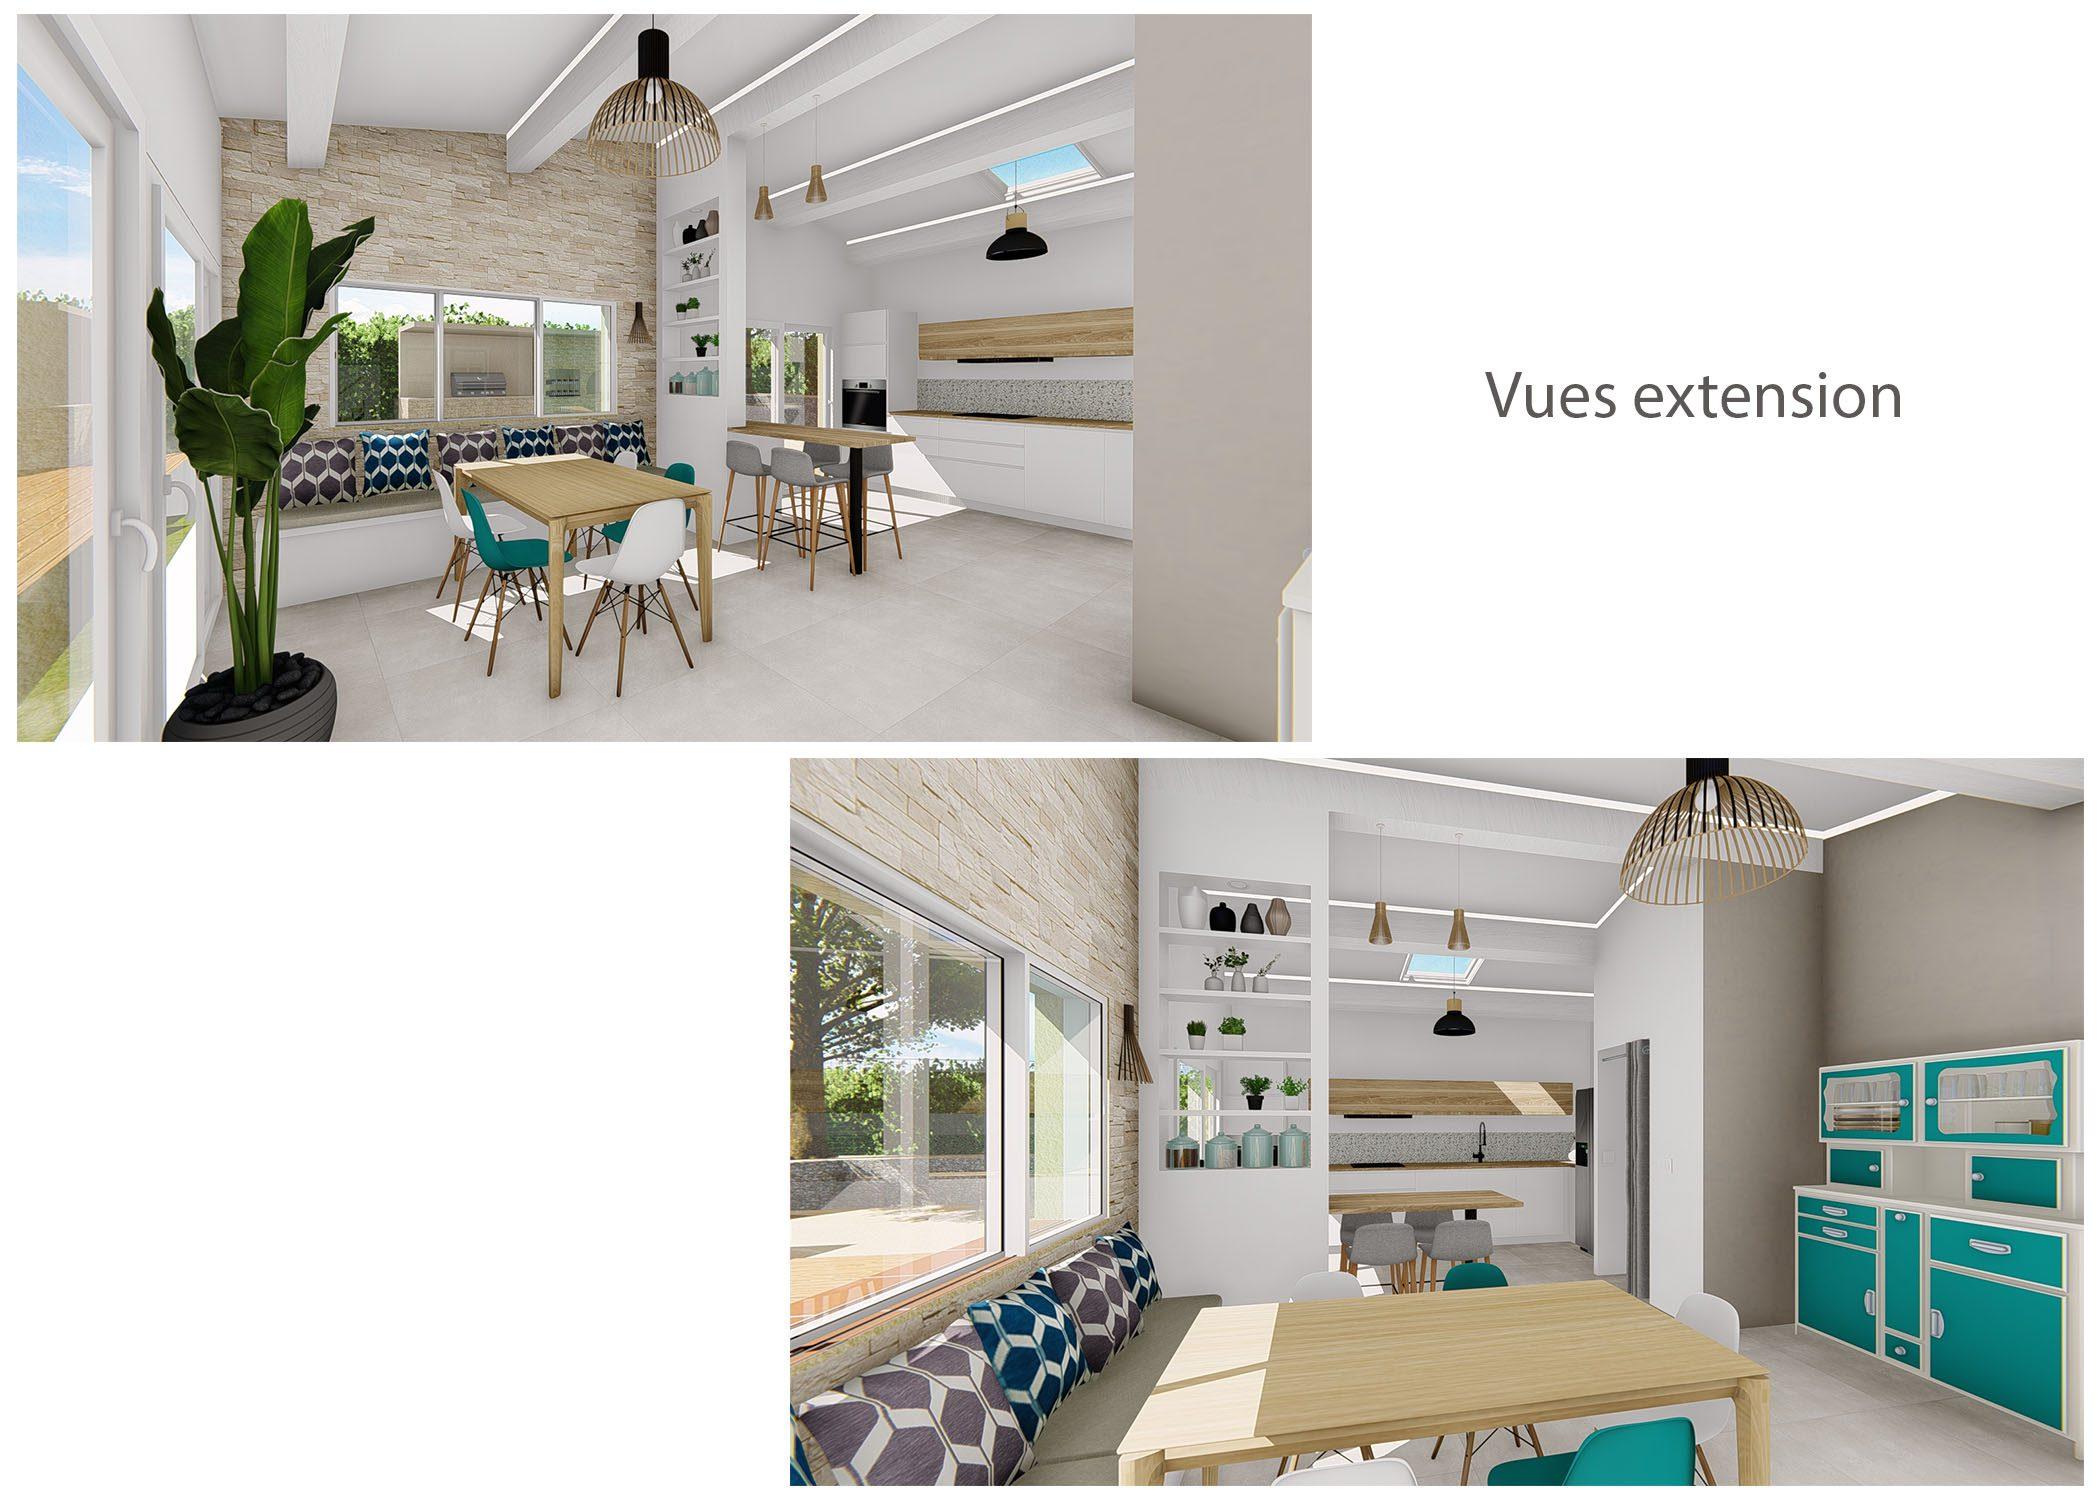 renovation-amenagement-decoration-maison de famille-fuveau-rendus estension-dekho design